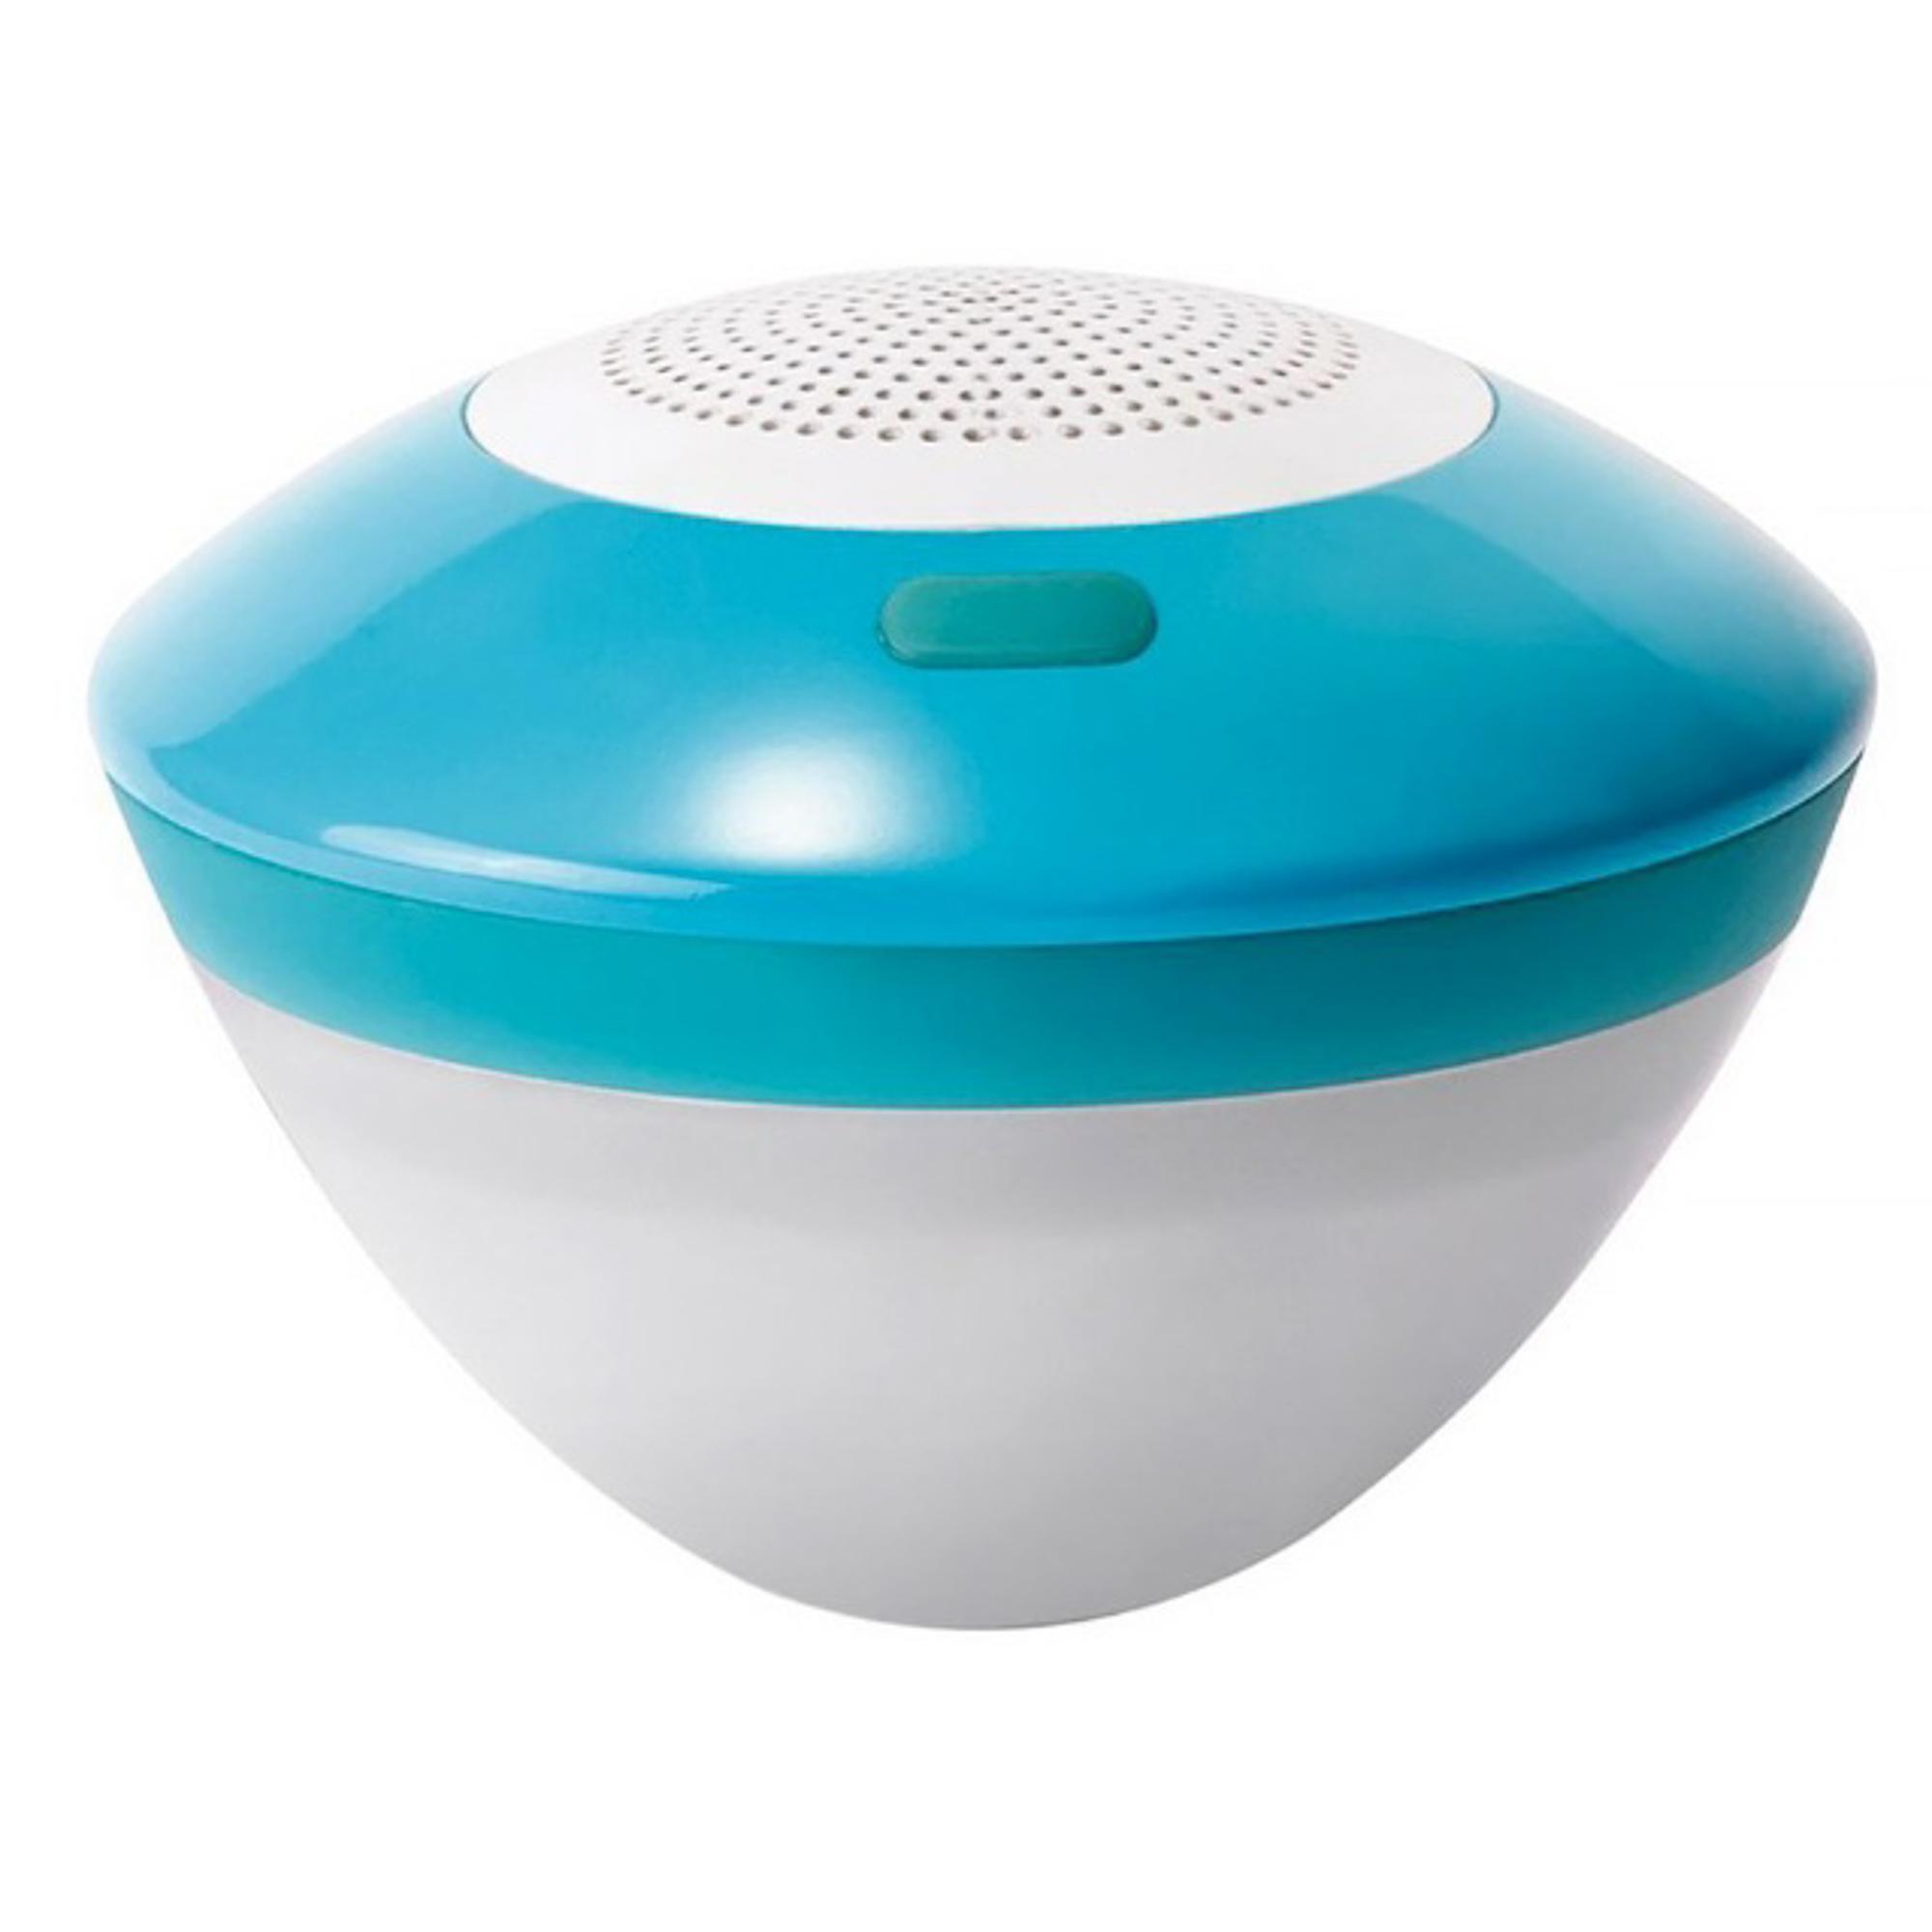 Плавающая музыкальная Bluetooth-колонка с Led-подсветкой Intex